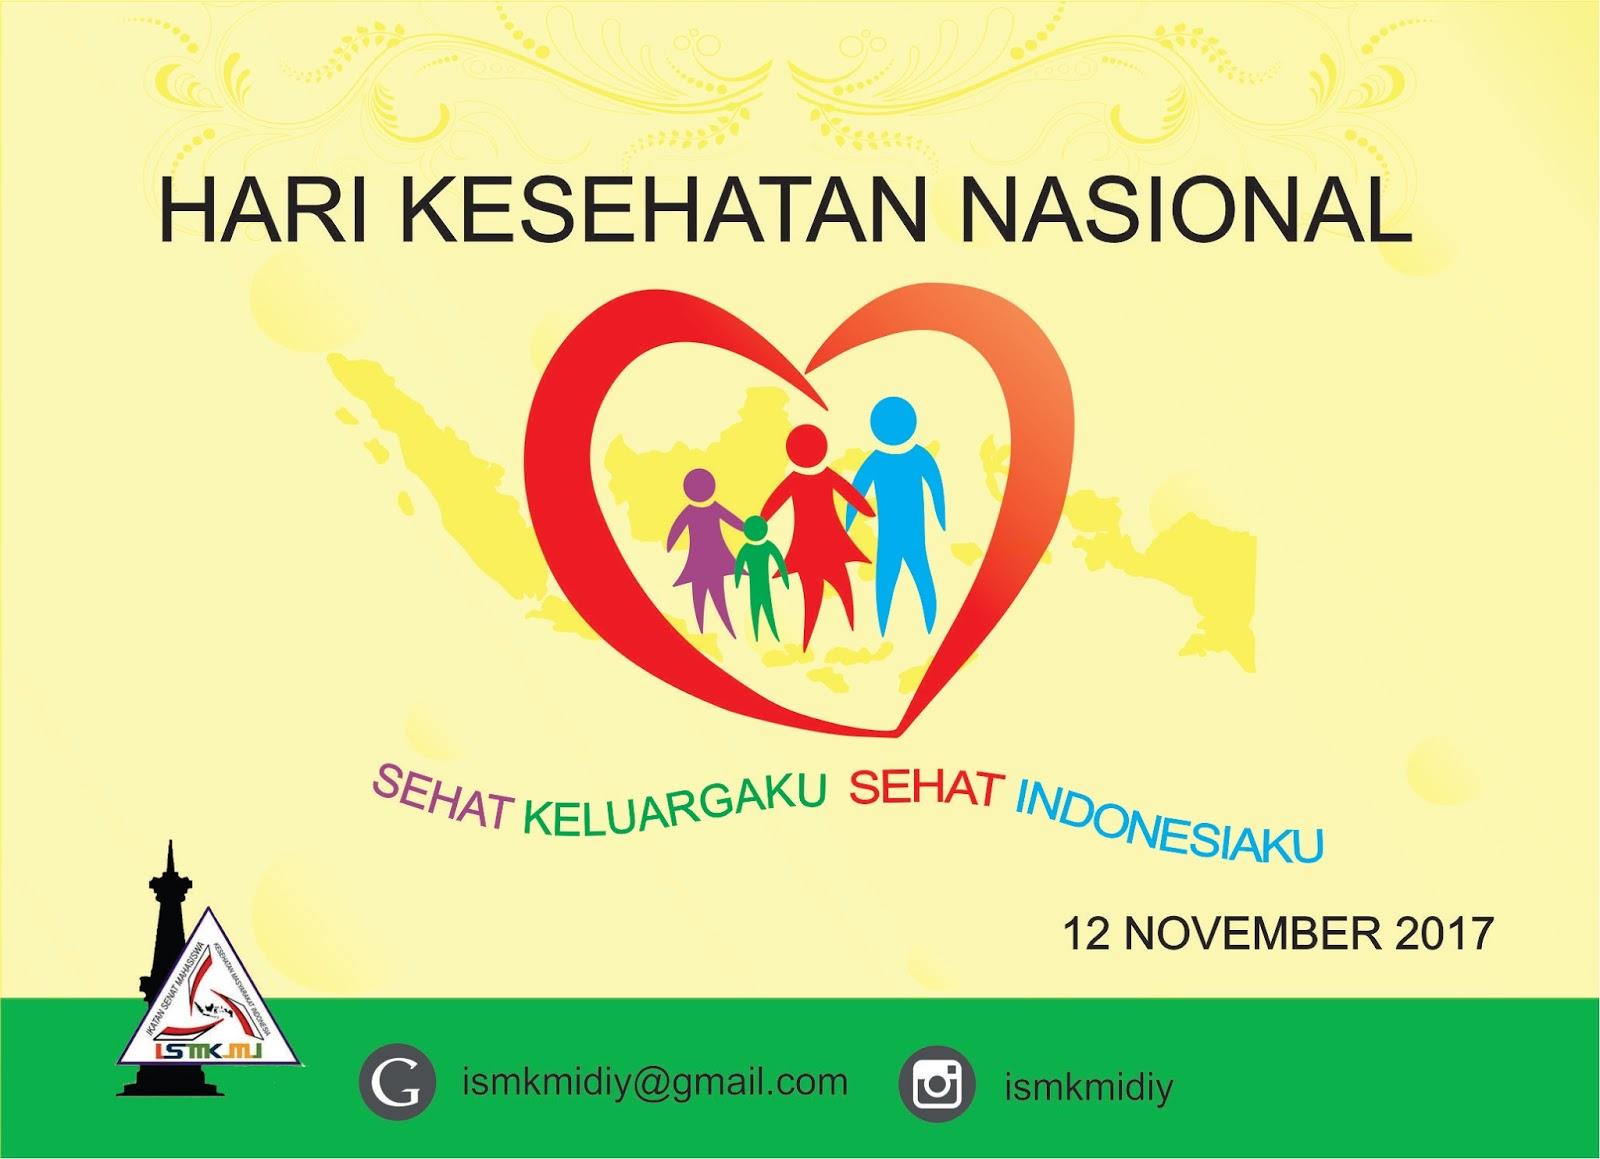 Gambar Poster Hari Kesehatan Nasional Ide Poster